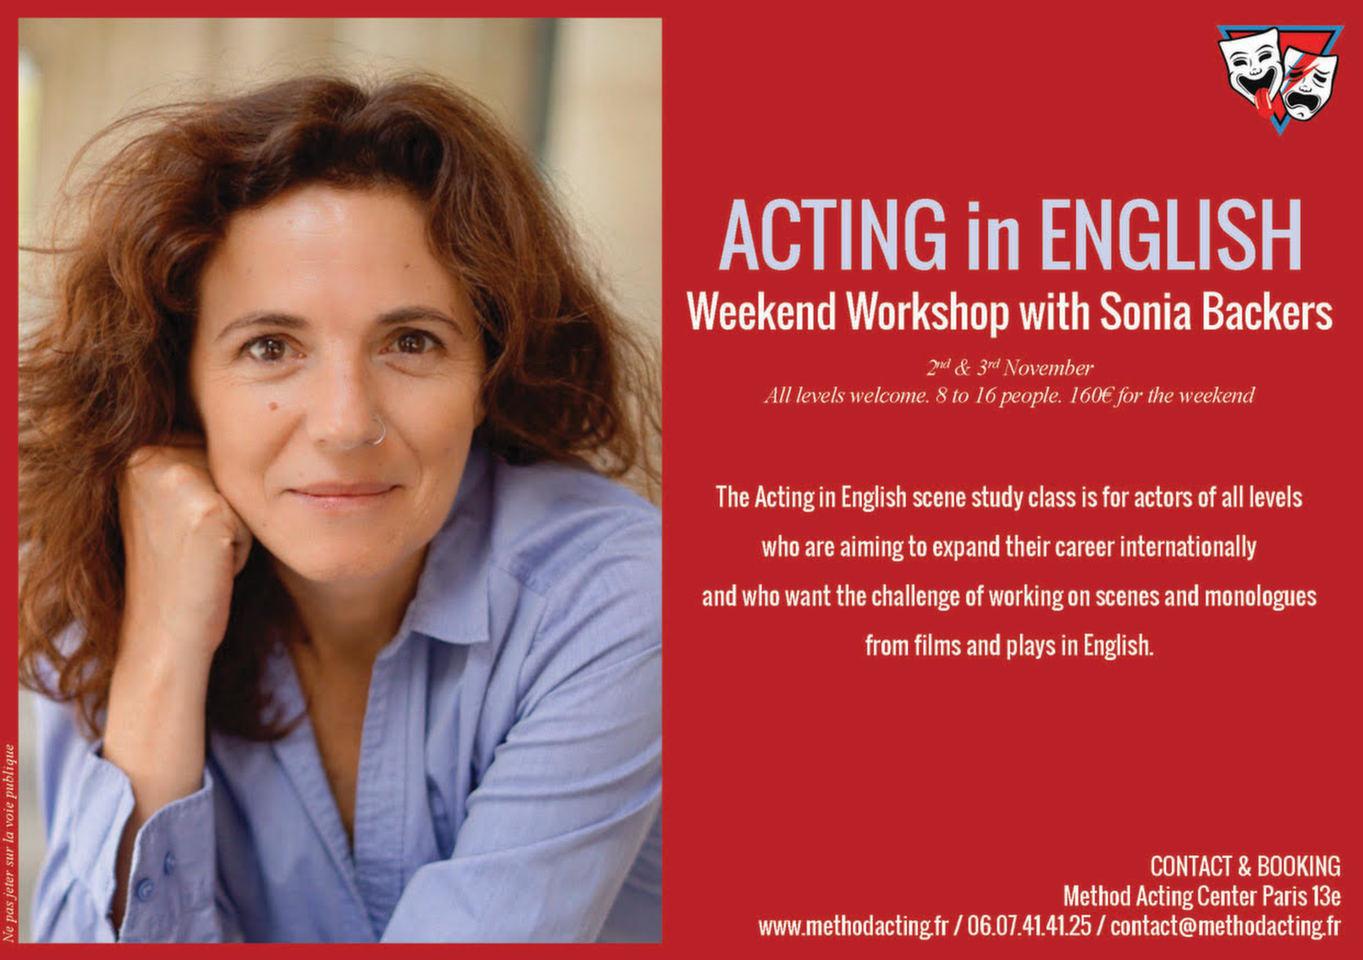 ***version FR***<br /><br />Stage Acting in English<br />Method Acting Center<br /><br />Stage weekend avec Sonia Backers, pour apprendre à décrypter et jouer des scènes en anglais, tirées de films et de pièces de théâtre.<br /><br />WEEKEND du 2 &3 Novembre 2019<br />de 13h à 19h,<br />au 93 Avenue d'Italie, Paris 13e<br />avec Sonia BACKERS<br /><br />OBJECTIFS du Stage ACTING in ENGLISH<br />- Analyser et décomposer une scène pour vous permettre de vous connecter émotionnellement, afin de créer une scène la plus «réaliste» possible<br />- Découvrir ce qui motive réellement chaque être humain grâce aux outils et techniques de la méthode<br />- Créer des personnages et des relations dynamiques dans des scènes «sincères»<br />- Travailler dans une atmosphère bienveillante qui favorise le lâcher-prise, la spontanéité et la prise de risques<br />- Expérimenter différents points de vue d'une même scène<br /><br />L'Atelier se déroulera intégralement en anglais, il est donc indispensable d'avoir un niveau courant d'anglais.<br /><br />INFOS & Réservation en ligne<br />- De 8 à 16 personnes<br />- 160€ pour 1 weekend<br />- Forfaits à partir de 3/6/9 stages weekend : 10% de remise / 15% de remise / 20% de remise, Découvrez notre planning de stages 2019/2020 !<br />https://www.methodacting.fr/stages/<br />contact@methodacting.fr<br />06 07 41 41 25<br /><br />***version UK***<br /><br />ACTING in ENGLISH Workshop<br />Method Acting Center<br /><br />Weekend workshop in Scene Study with Sonia Backers.<br /><br />WEEKEND workshop 2nd & 3rd November 2019<br />1:00 pm to 7:00 pm<br />93, Avenue d'Italie, Paris 13e<br />with Sonia BACKERS<br /><br />OBJECTIVES of the workshop ACTING in ENGLISH<br />- Using scenes from films and plays, we'll explore making emotional connections and creating believable moments<br />- Using methods from the Actors Studio, exercises, improvisation and script analysis, we will see what motivates human behavior in order to create dynamic relationshi